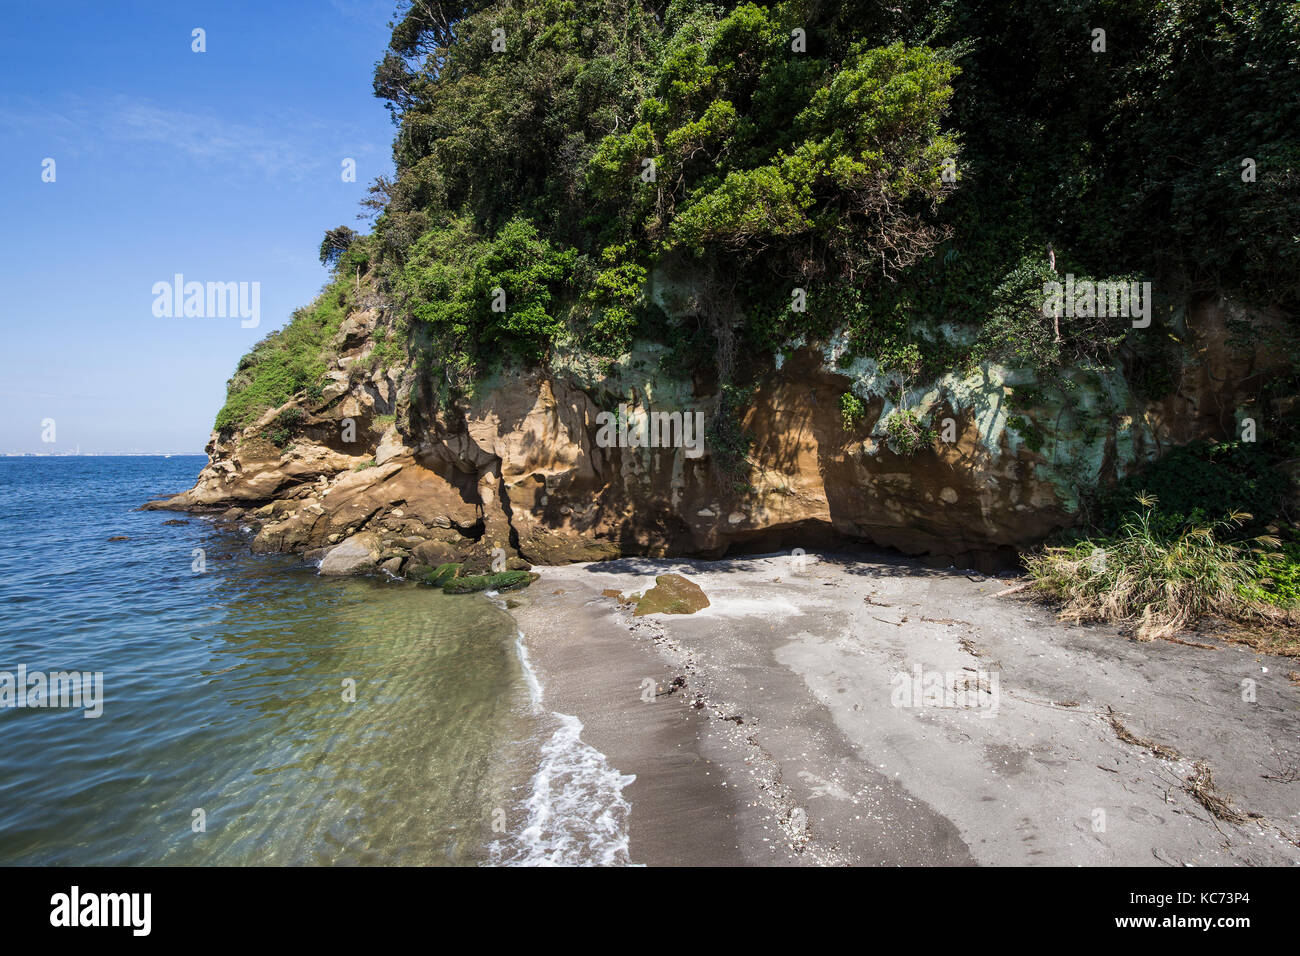 - Sarushima sarushima playa es sólo en la bahía de Tokio y deshabitada isla natural y está llena Imagen De Stock